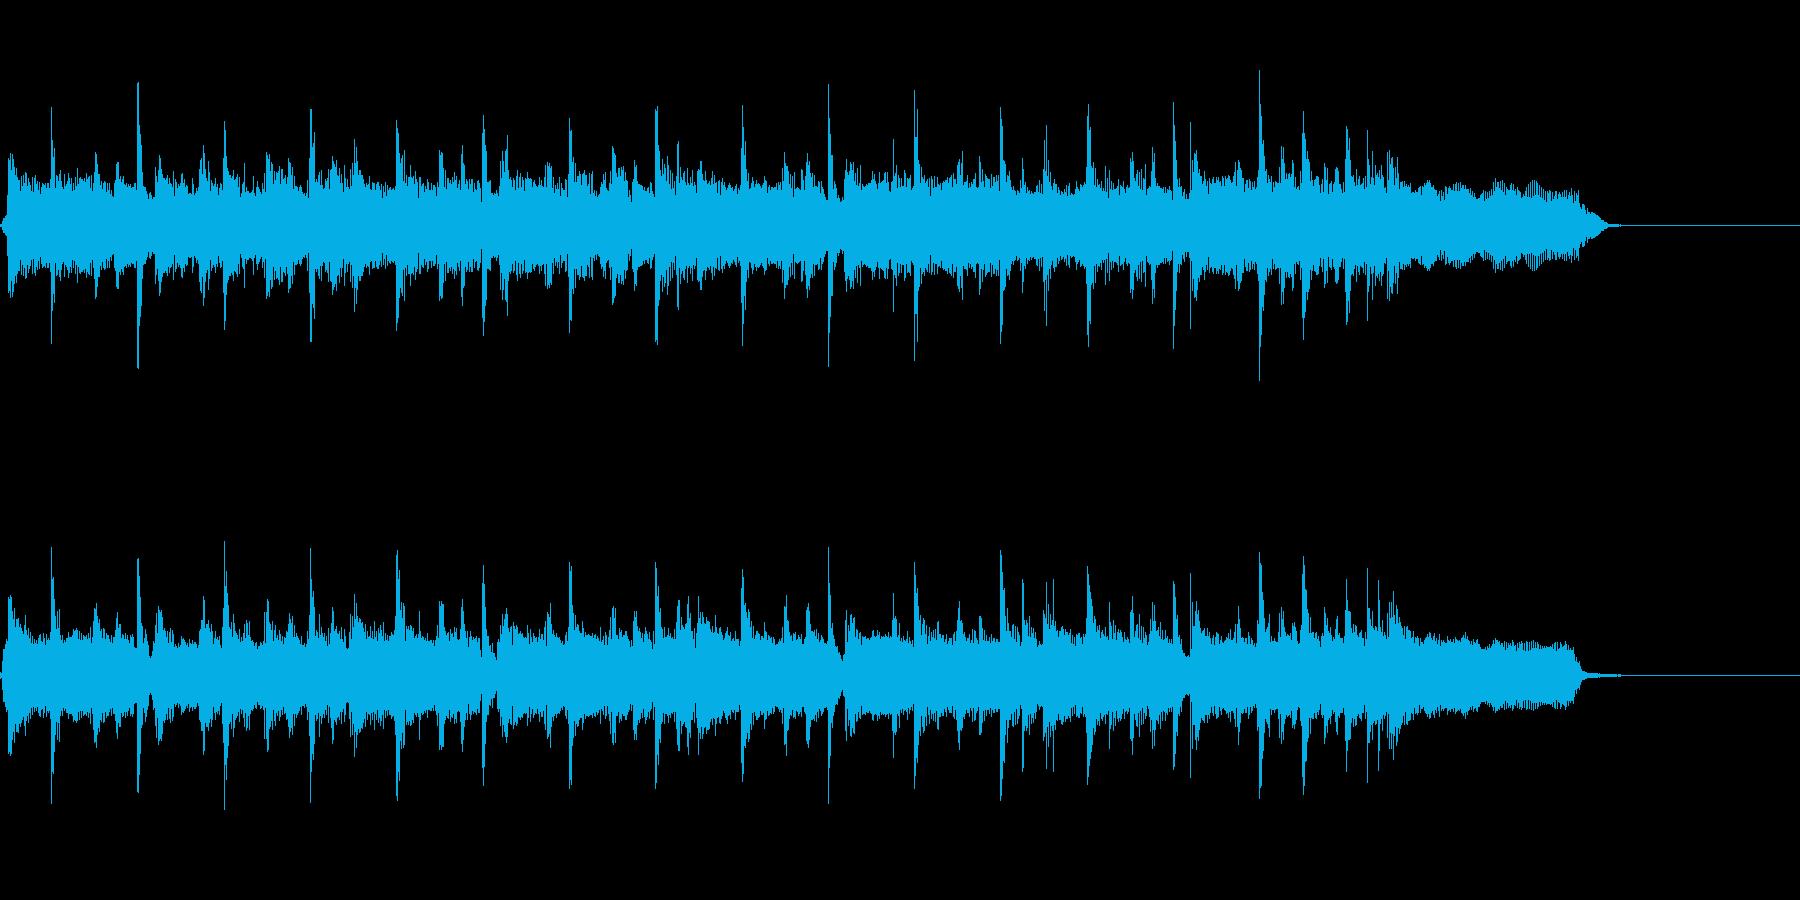 主張しすぎないロック系ジングル・キーAの再生済みの波形